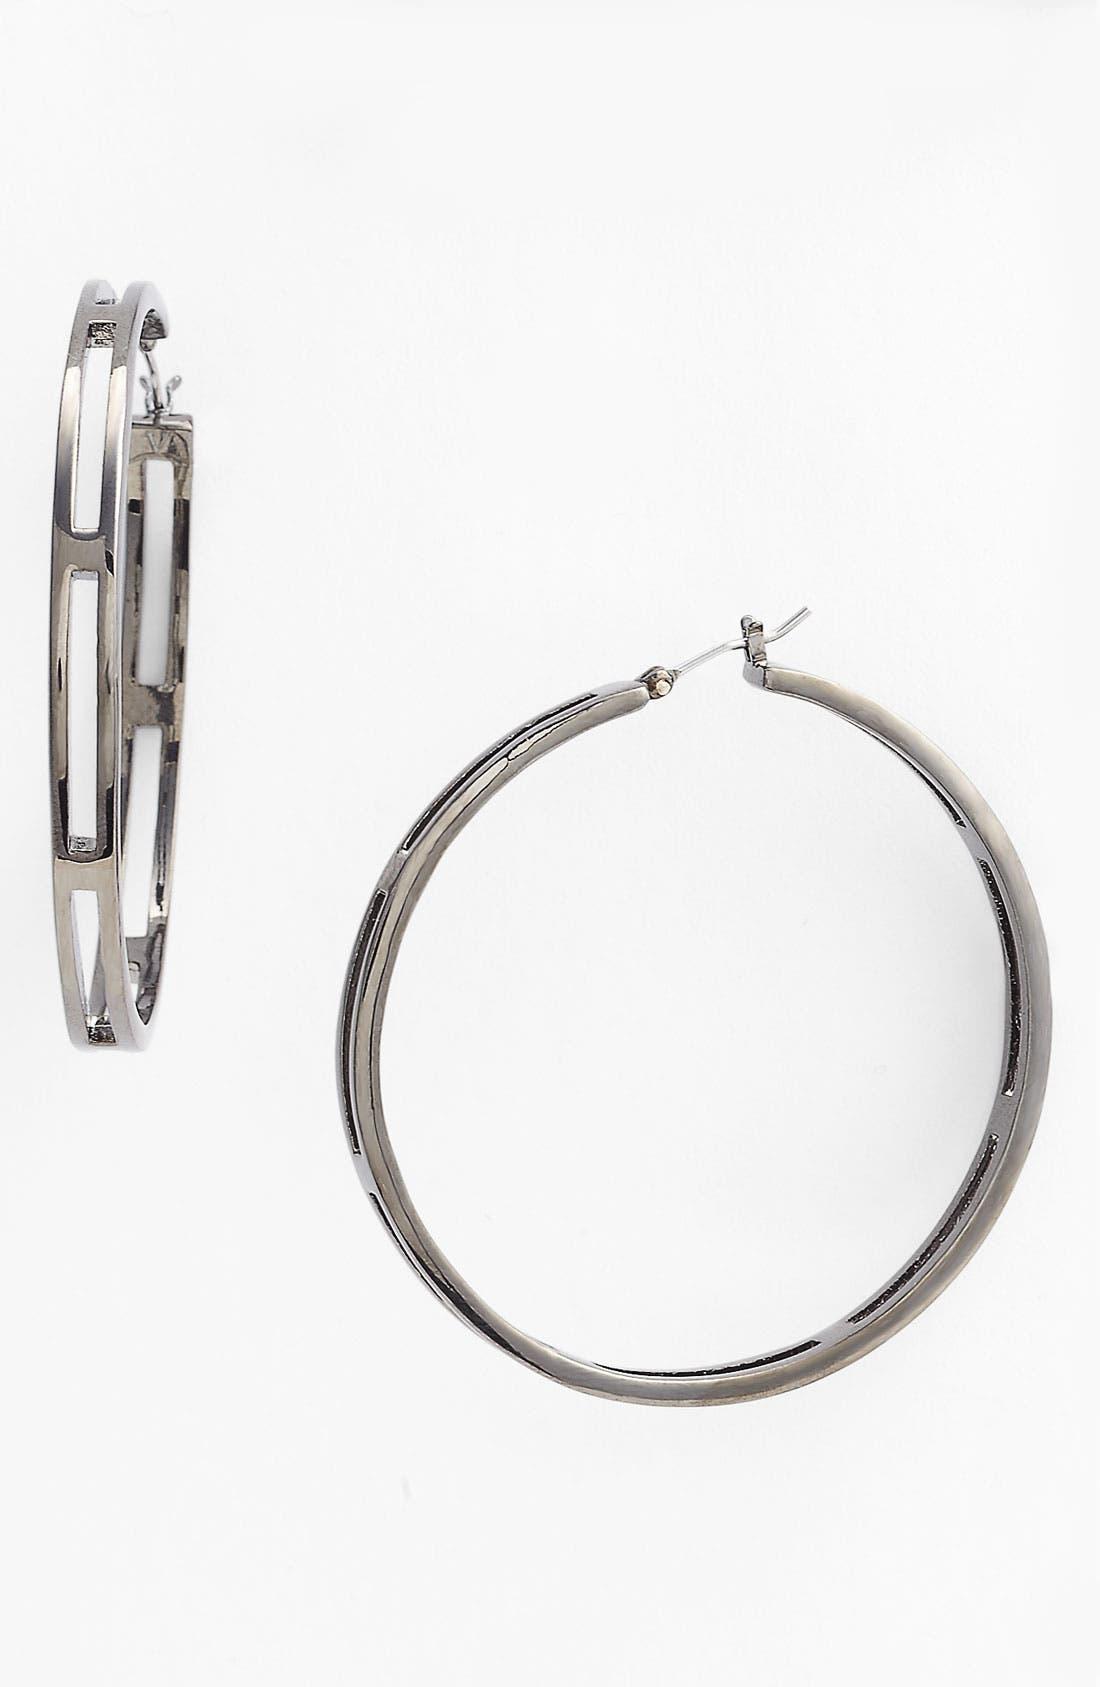 Alternate Image 1 Selected - Vince Camuto 'Basics' Cutout Hoop Earrings